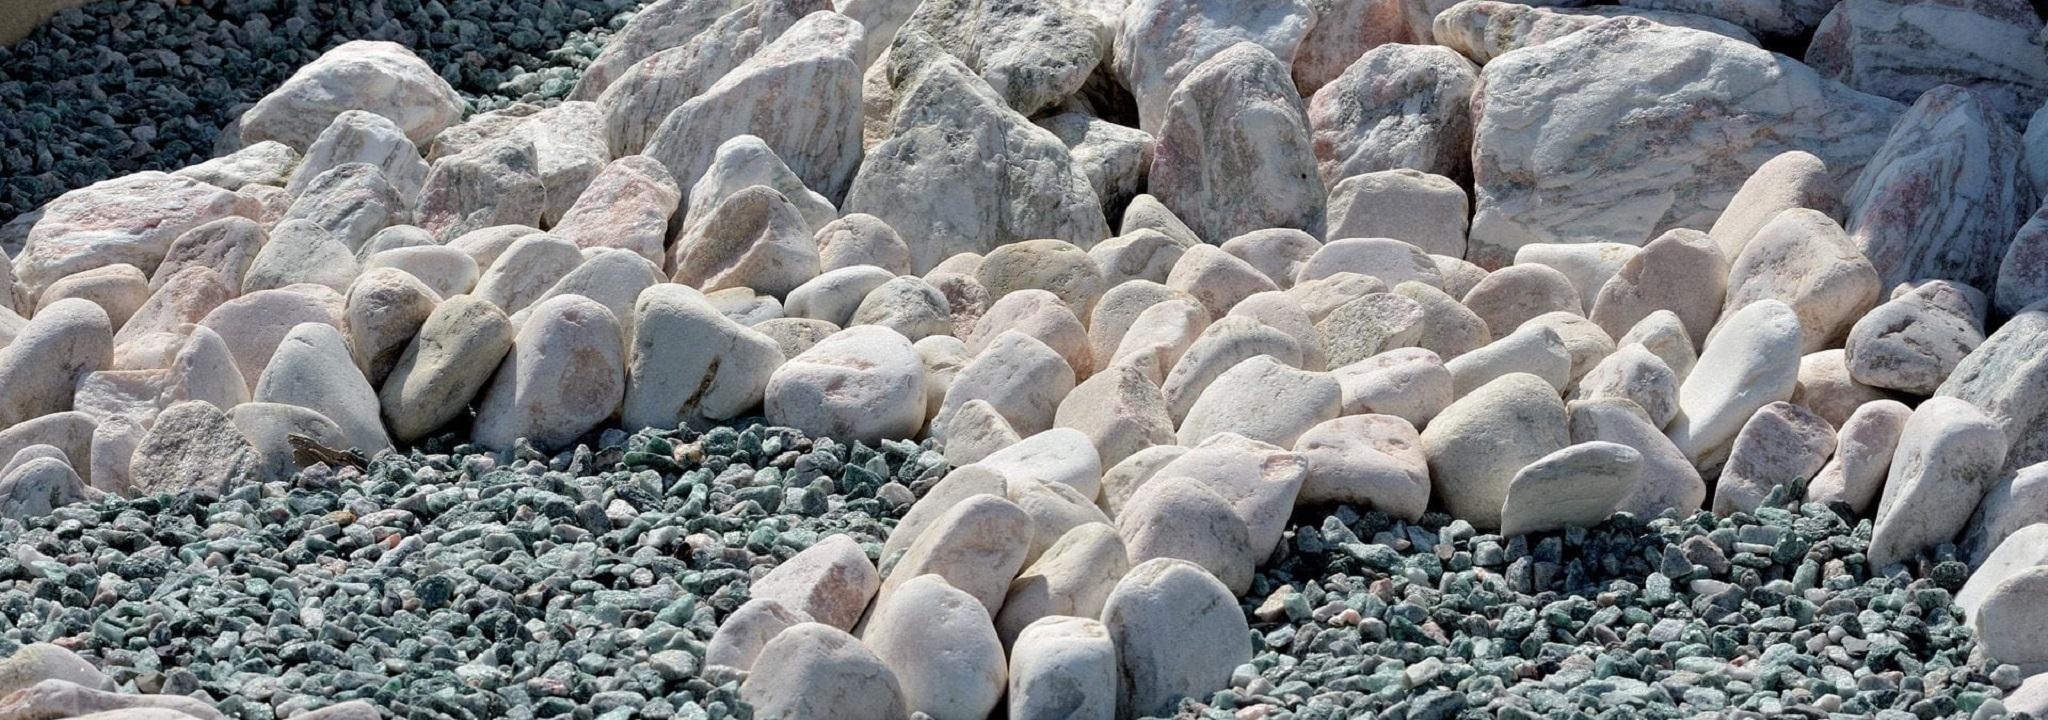 Dekoratyviniai akmenys, aplinkotvarka, gerbūvis, statybinės medžiagos, Kovas UAB, Trakai